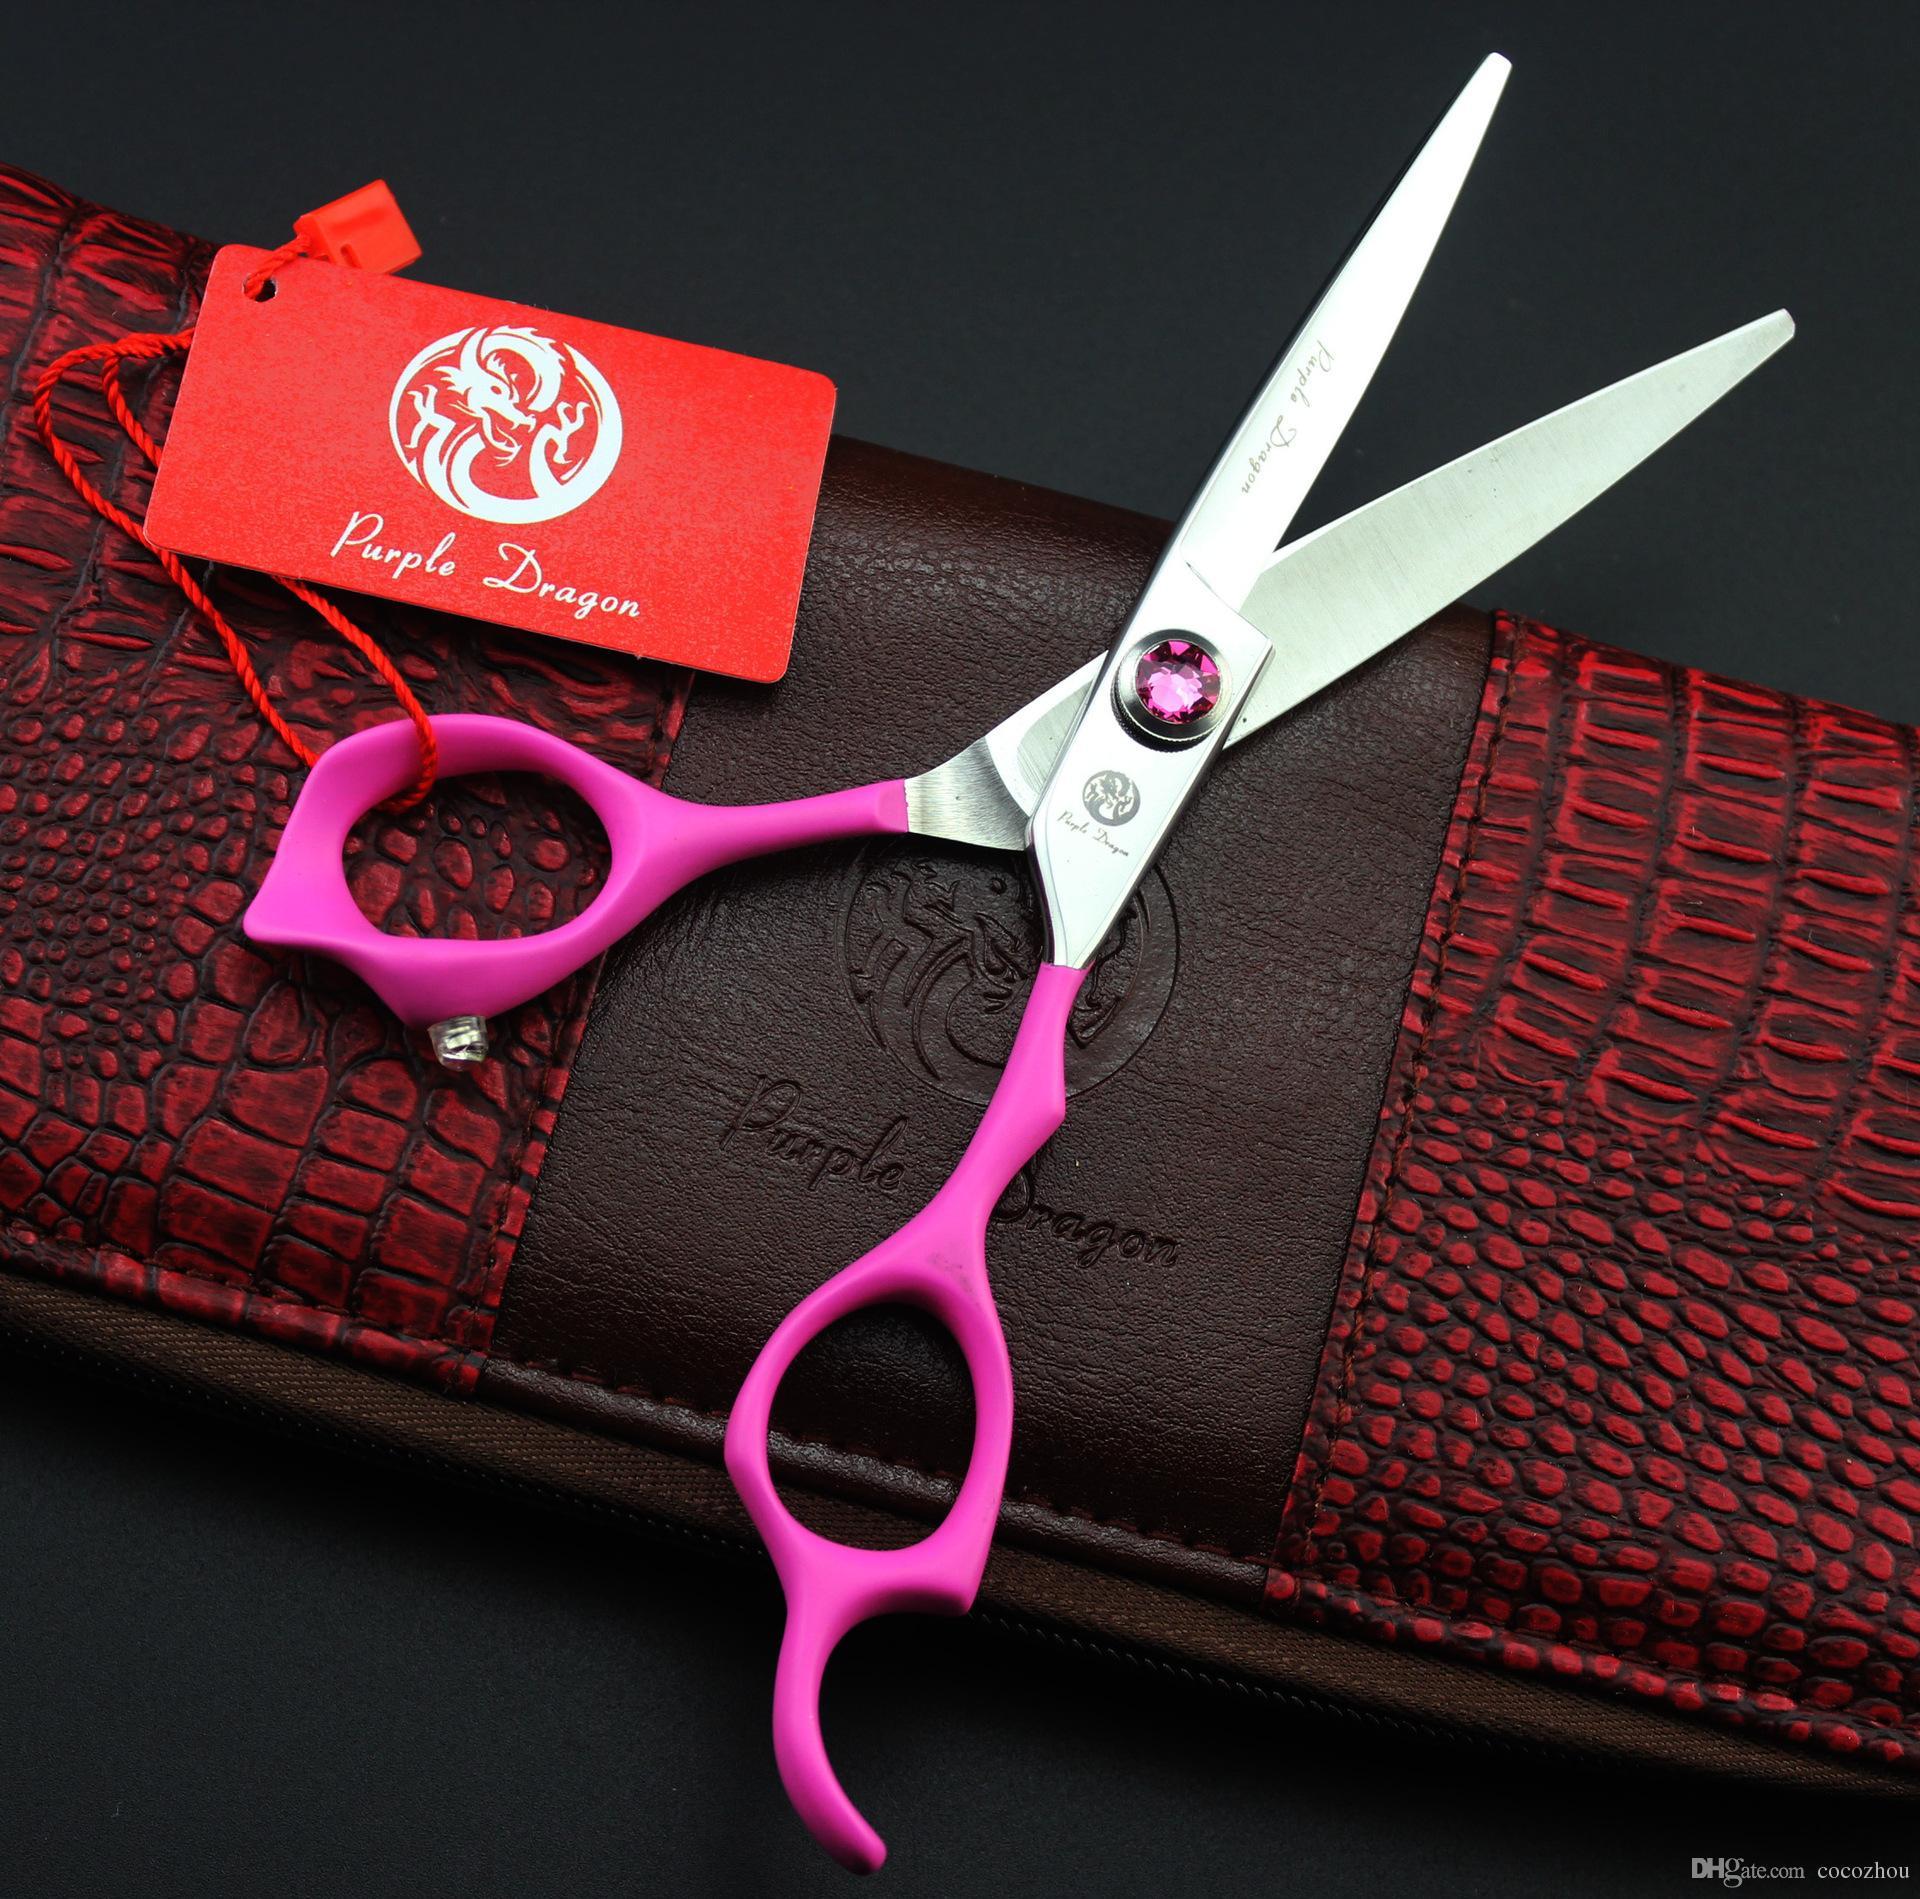 574 # 6 '' Marke Lila Drache TOP GRADE Rosa Edelstein Friseurscheren JP 440C Home Salon Barbers Schneiden Schere Haarscheren